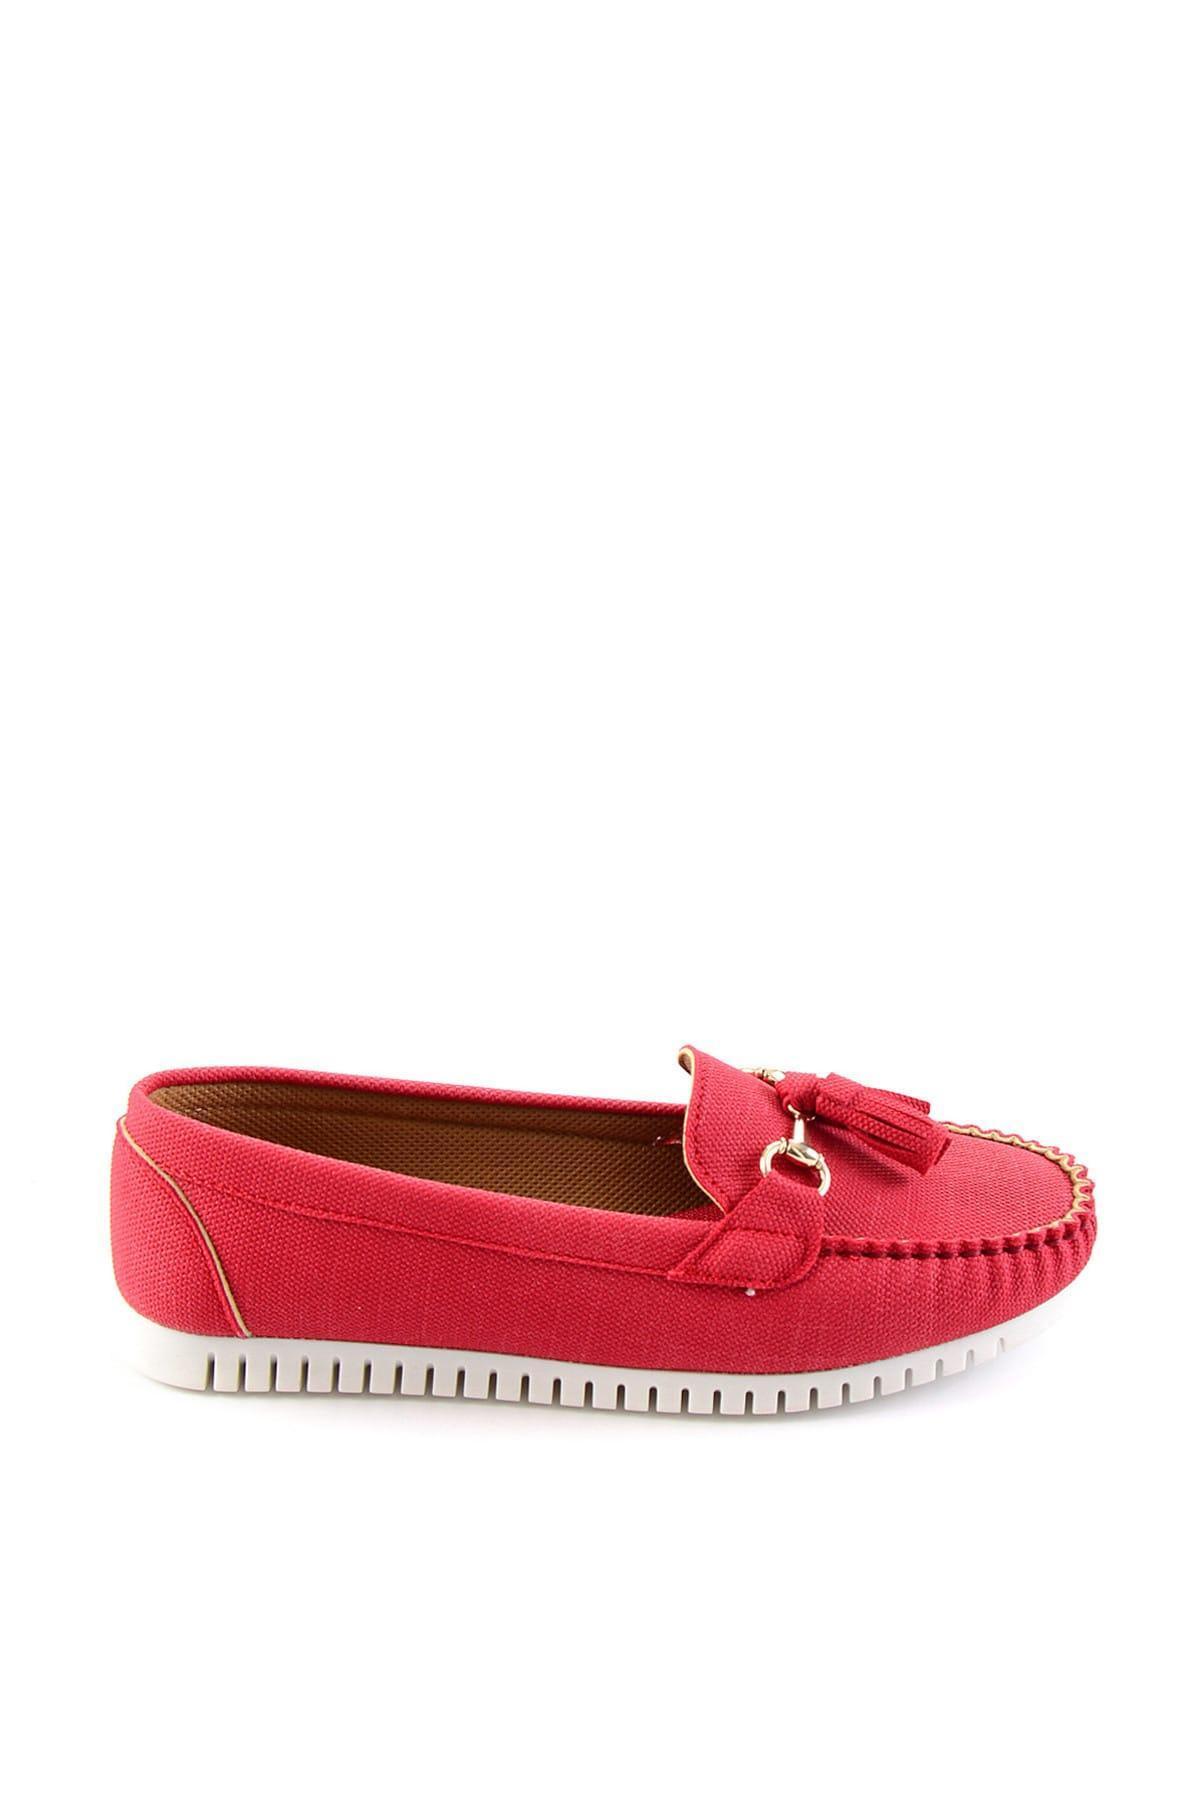 Bambi Kırmızı Kadınlar Loafer Ayakkabı H0651020837